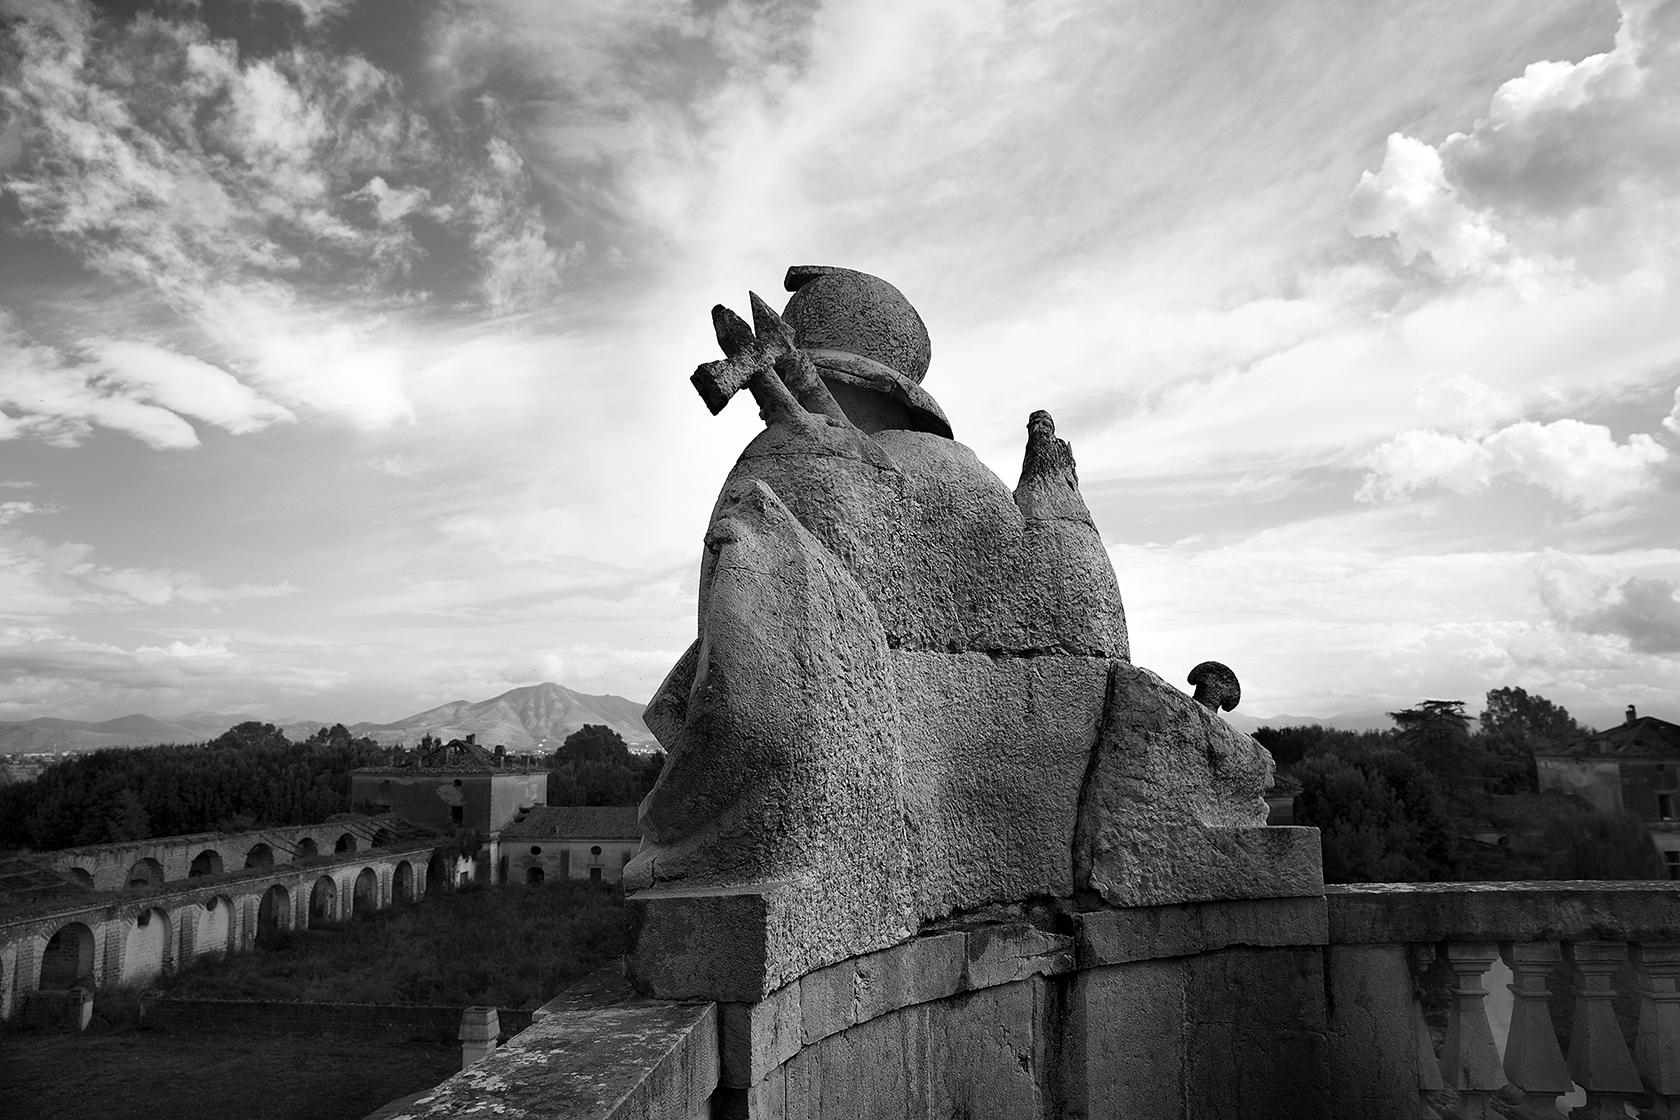 RINASCITA DI UN SITO ( REGGIA DI CARDITELLO), La retrospettiva fotografica racconta Carditello nell' istante prima della sua definitiva rinascita, ancora sospesa tra la caducità dell' incuria e la testimonianza di antiche